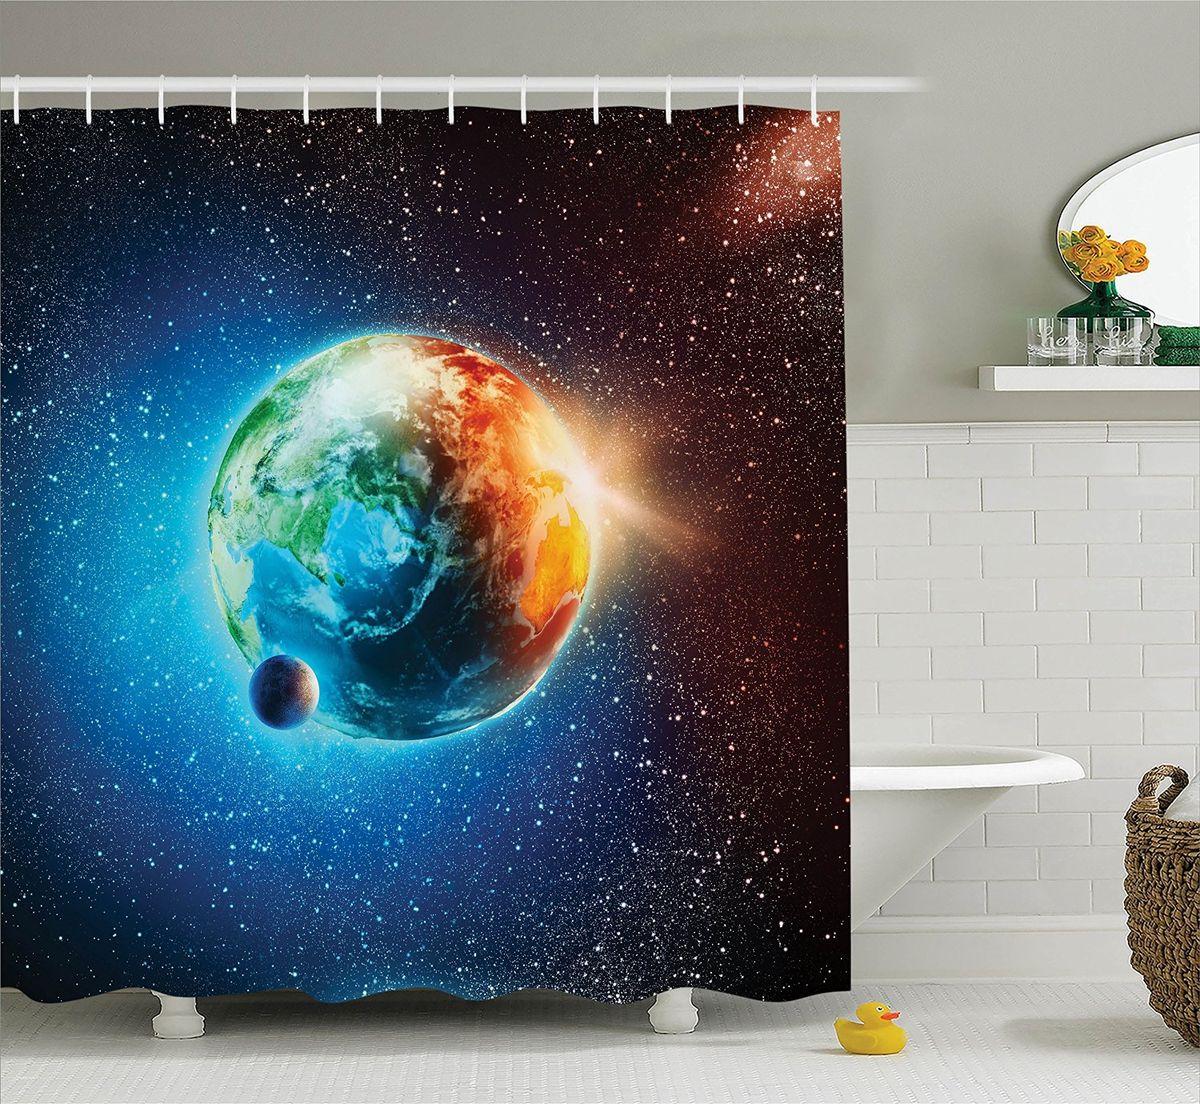 Штора для ванной комнаты Magic Lady Живая планета, 180 х 200 смшв_15664Штора Magic Lady Живая планета, изготовленная из высококачественного сатена (полиэстер 100%), отлично дополнит любой интерьер ванной комнаты. При изготовлении используются специальные гипоаллергенные чернила для прямой печати по ткани, безопасные для человека. В комплекте: 1 штора, 12 крючков. Обращаем ваше внимание, фактический цвет изделия может незначительно отличаться от представленного на фото.